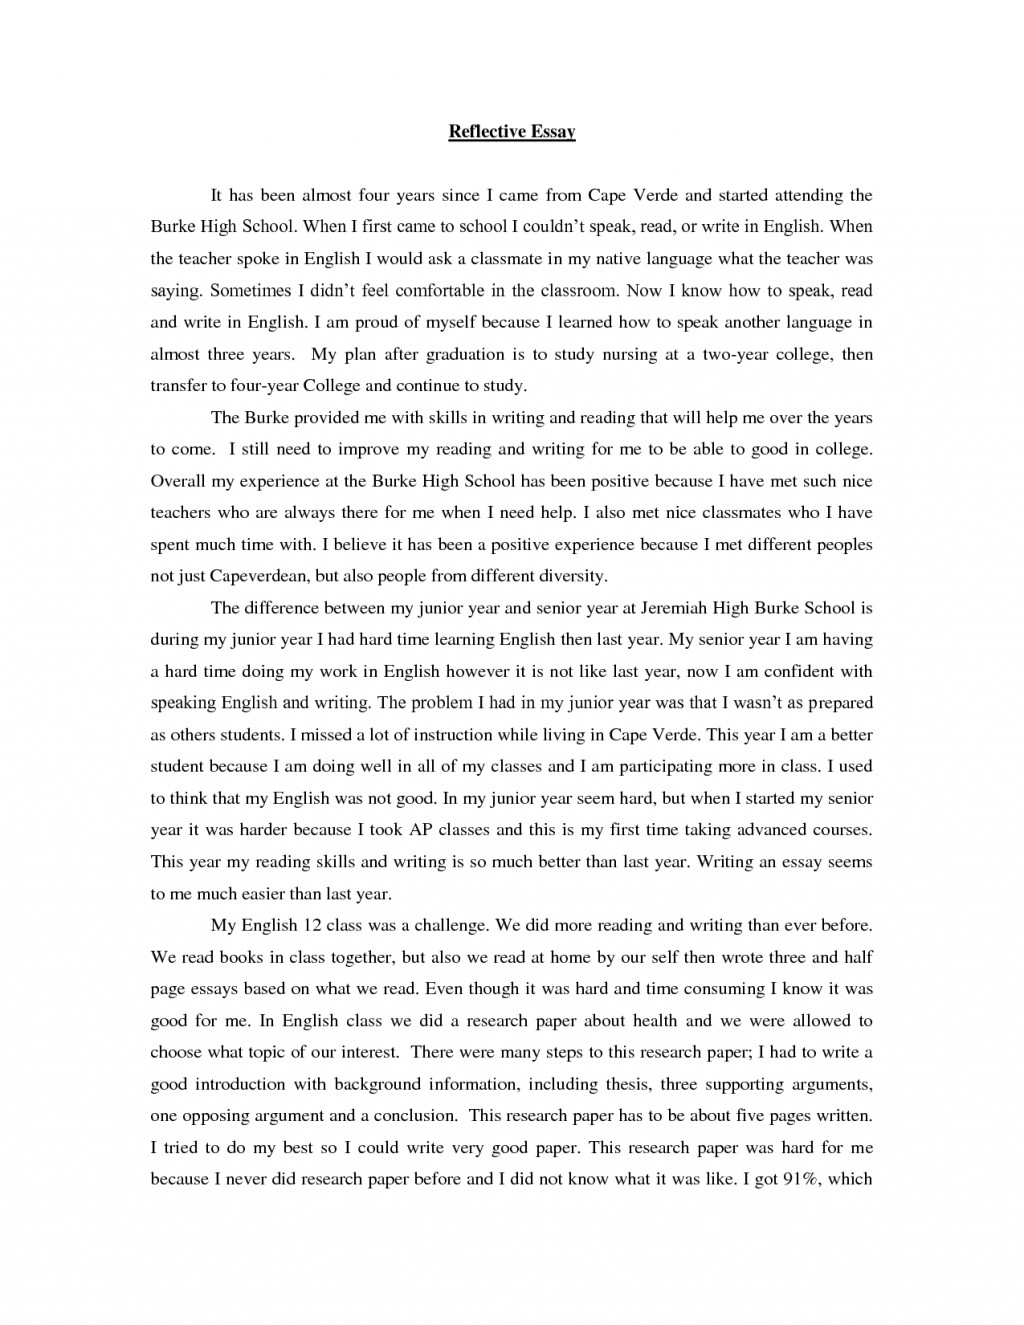 Macbeth essay on betrayal